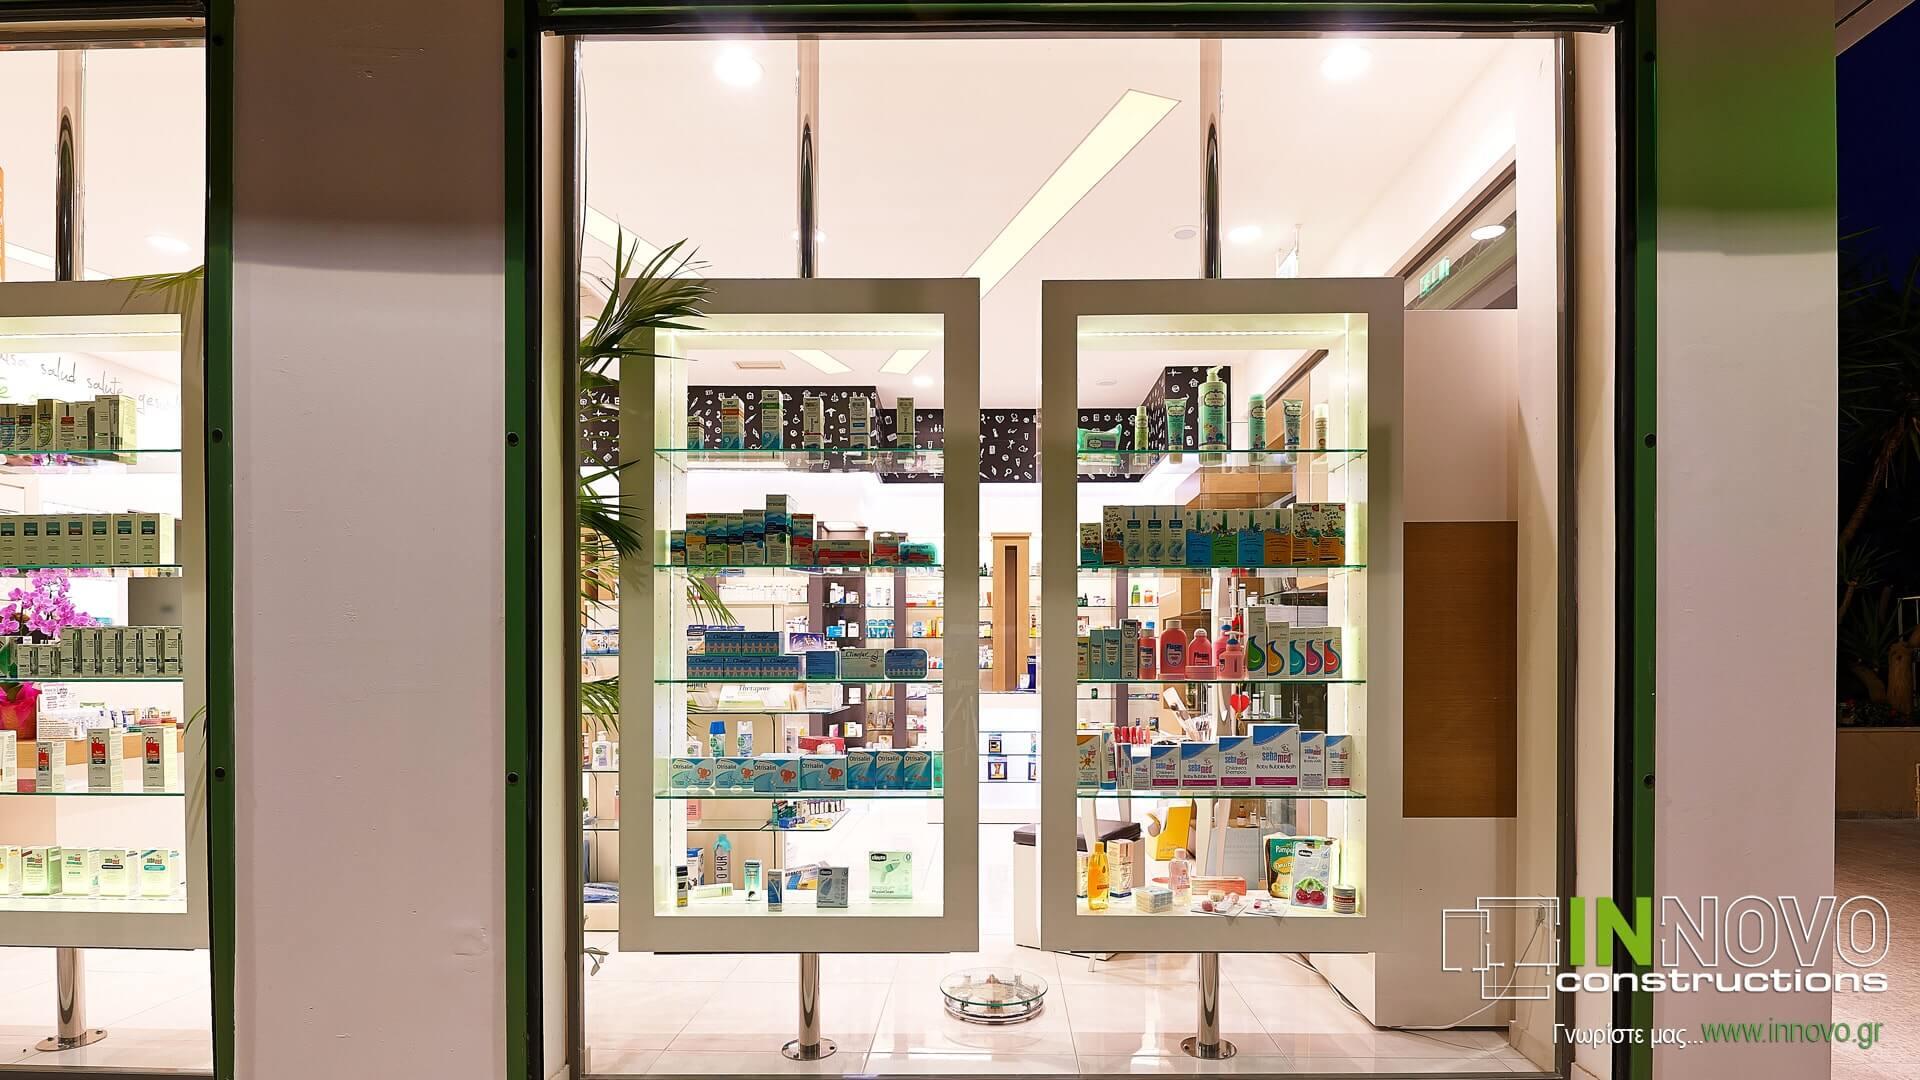 Βούλα Ανακαινίσεις κατασκευές φαρμακείων